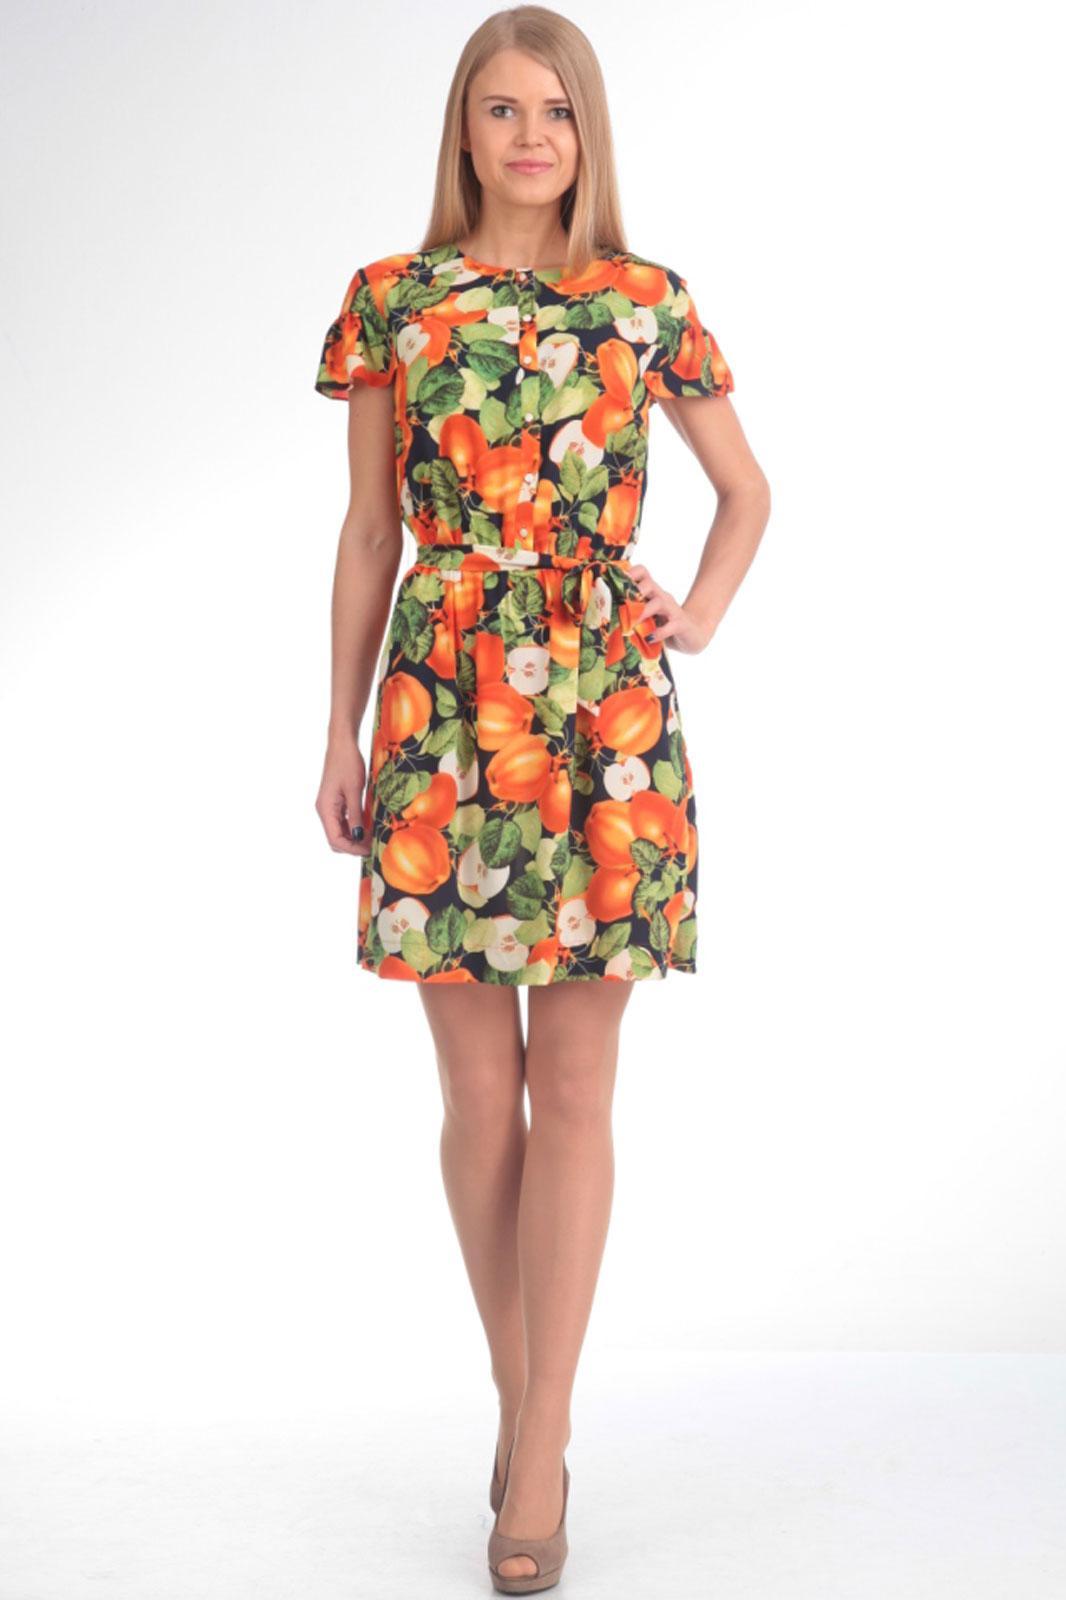 Купить Платье Tvin, 7336 яблоки, Беларусь